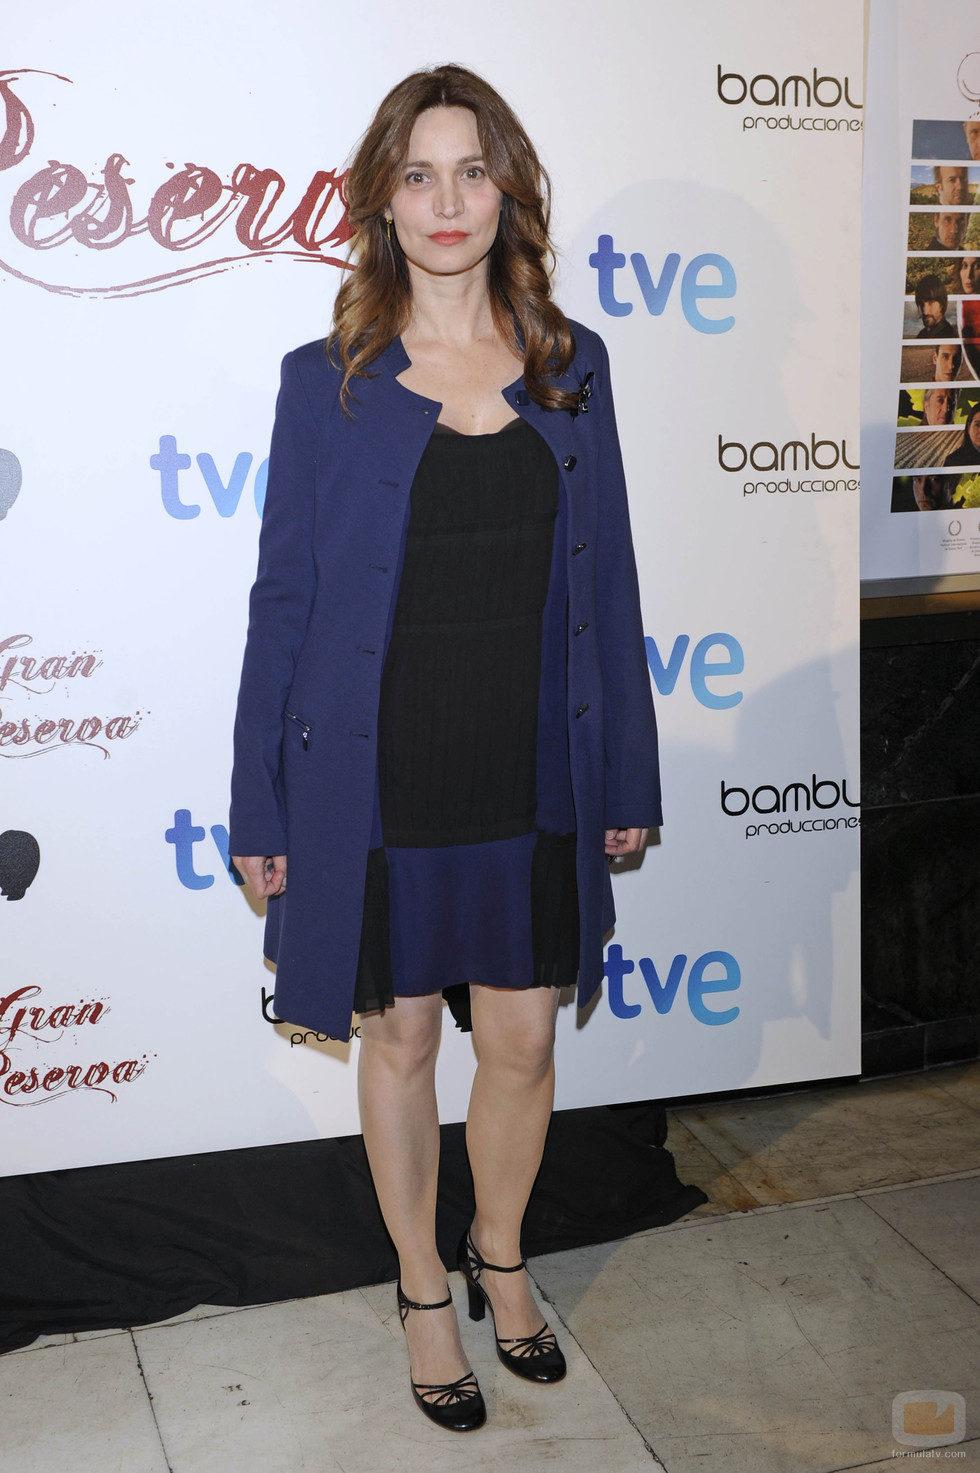 Ana Risueño en la premiere de la tercera temporada de 'Gran Reserva'